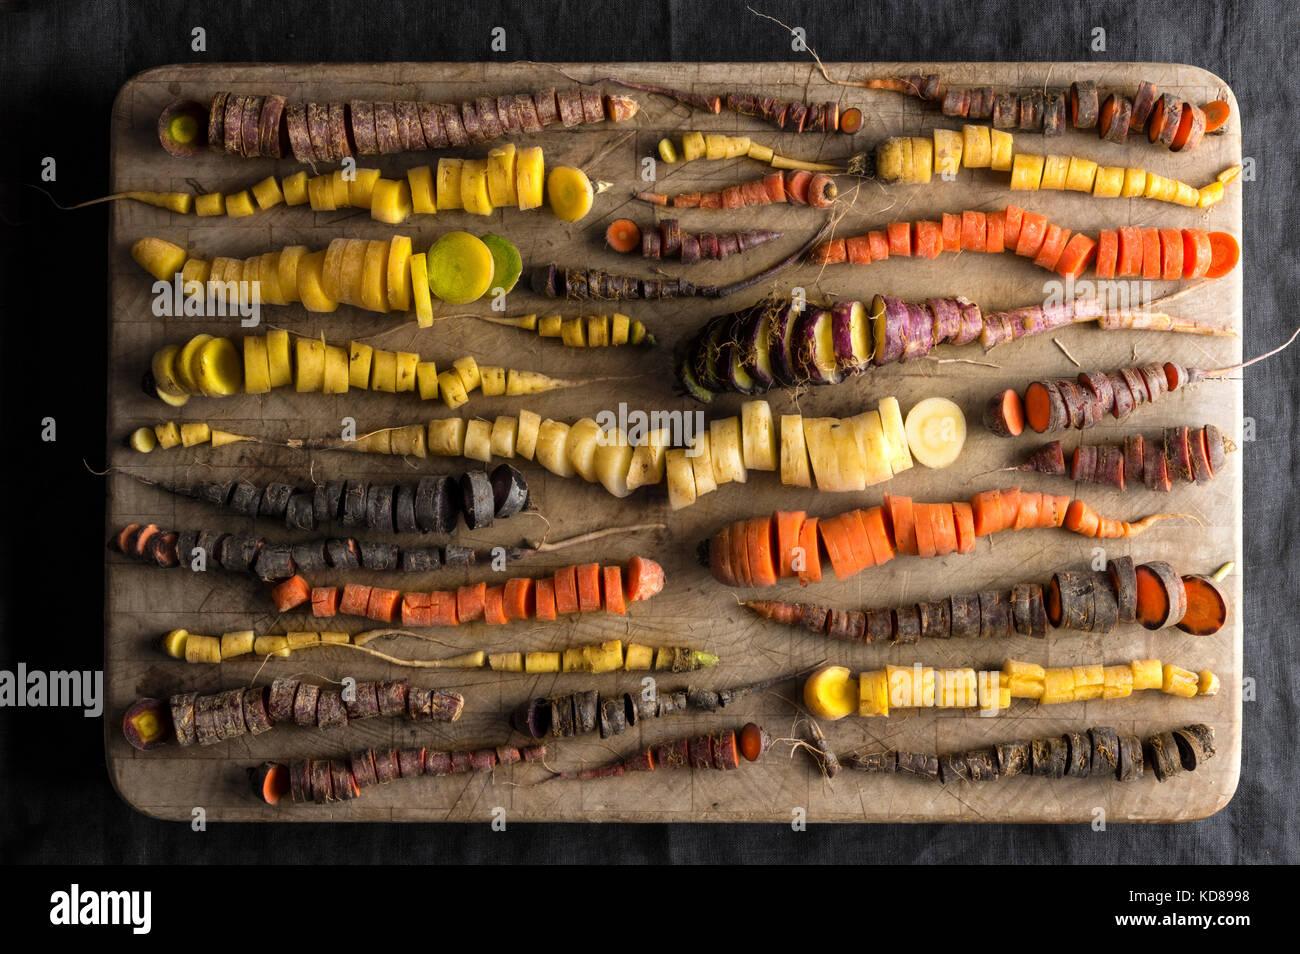 Un tableau de carottes arc-en-ciel dans beaucoup de formes et de couleurs, toutes finement hachés sur un billot Photo Stock